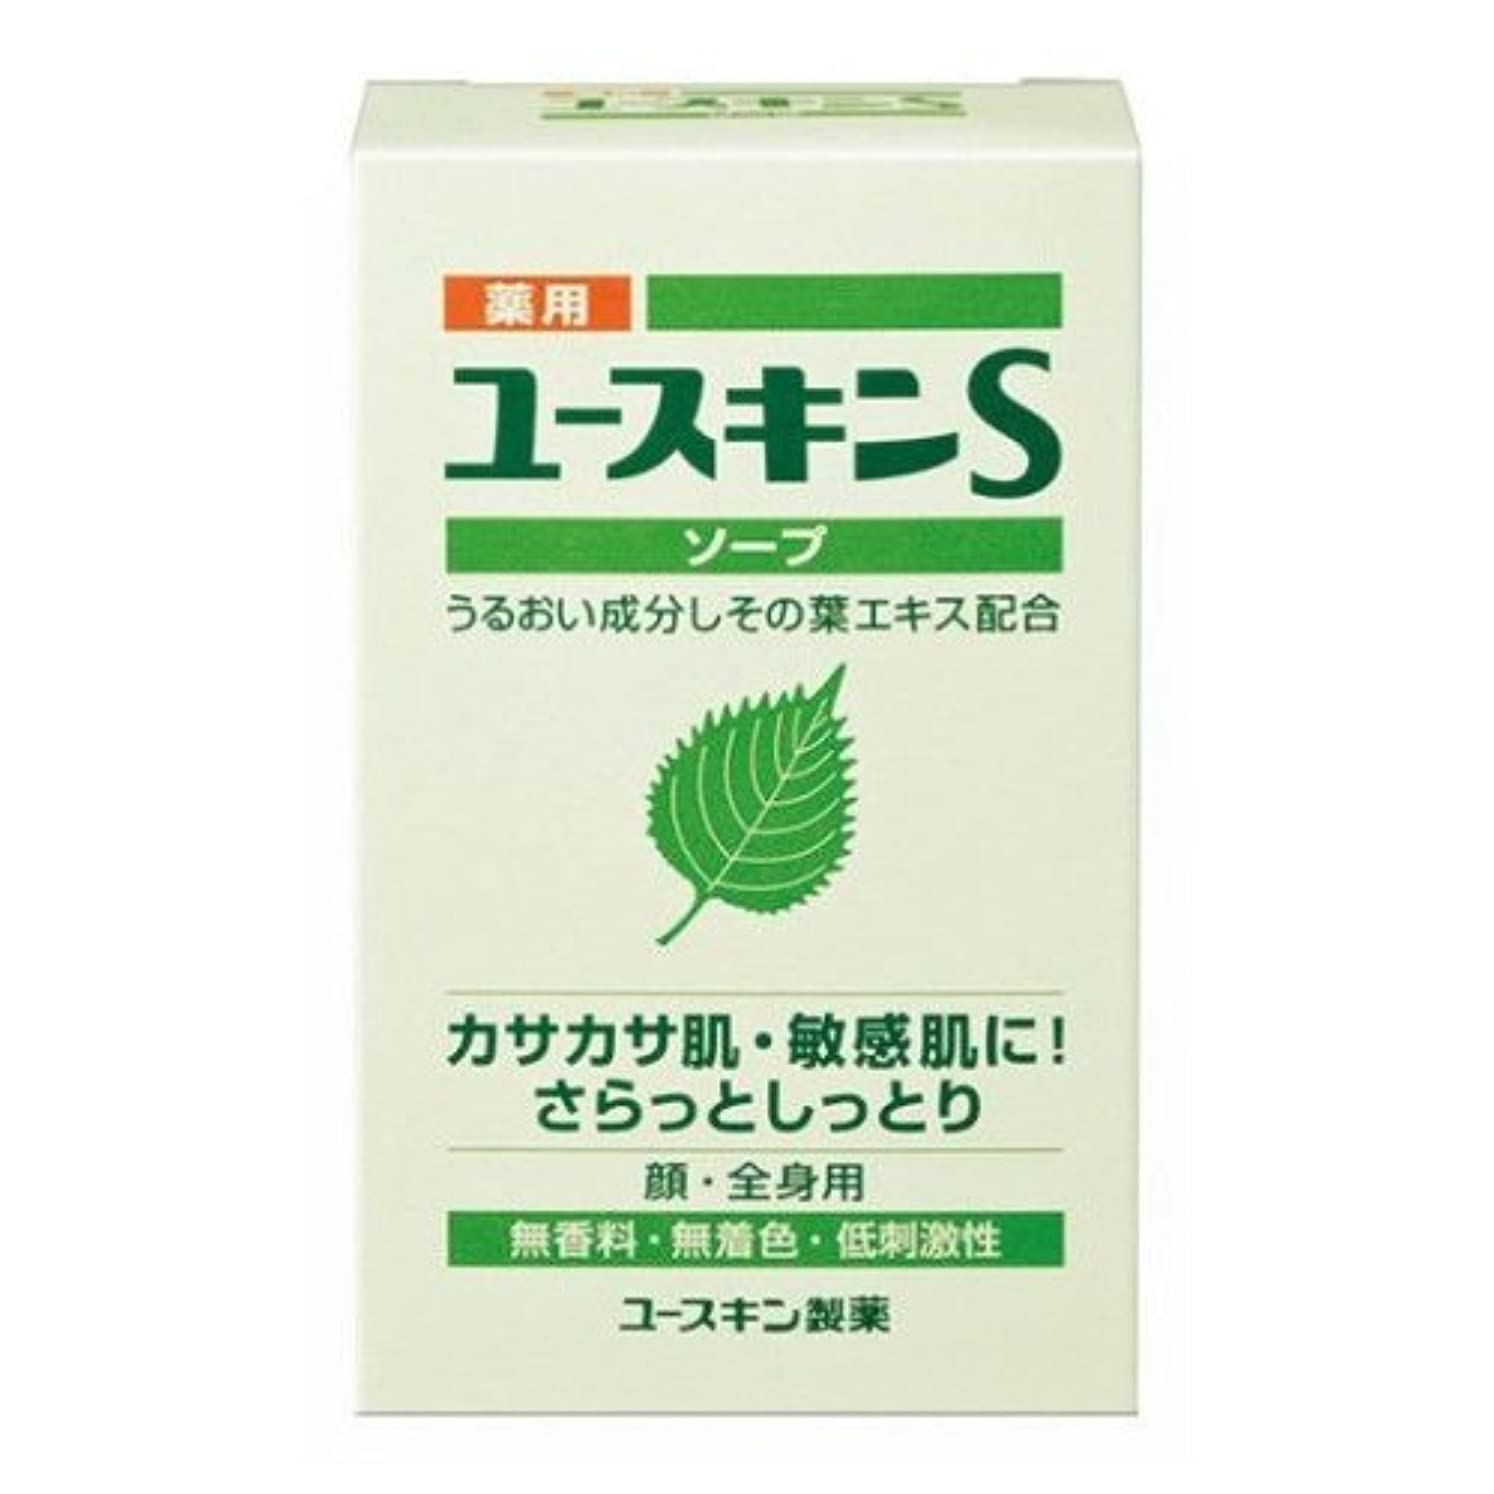 デイジー起こるラフ睡眠ユースキン製薬 薬用ユースキンSソープ 90g(医薬部外品)